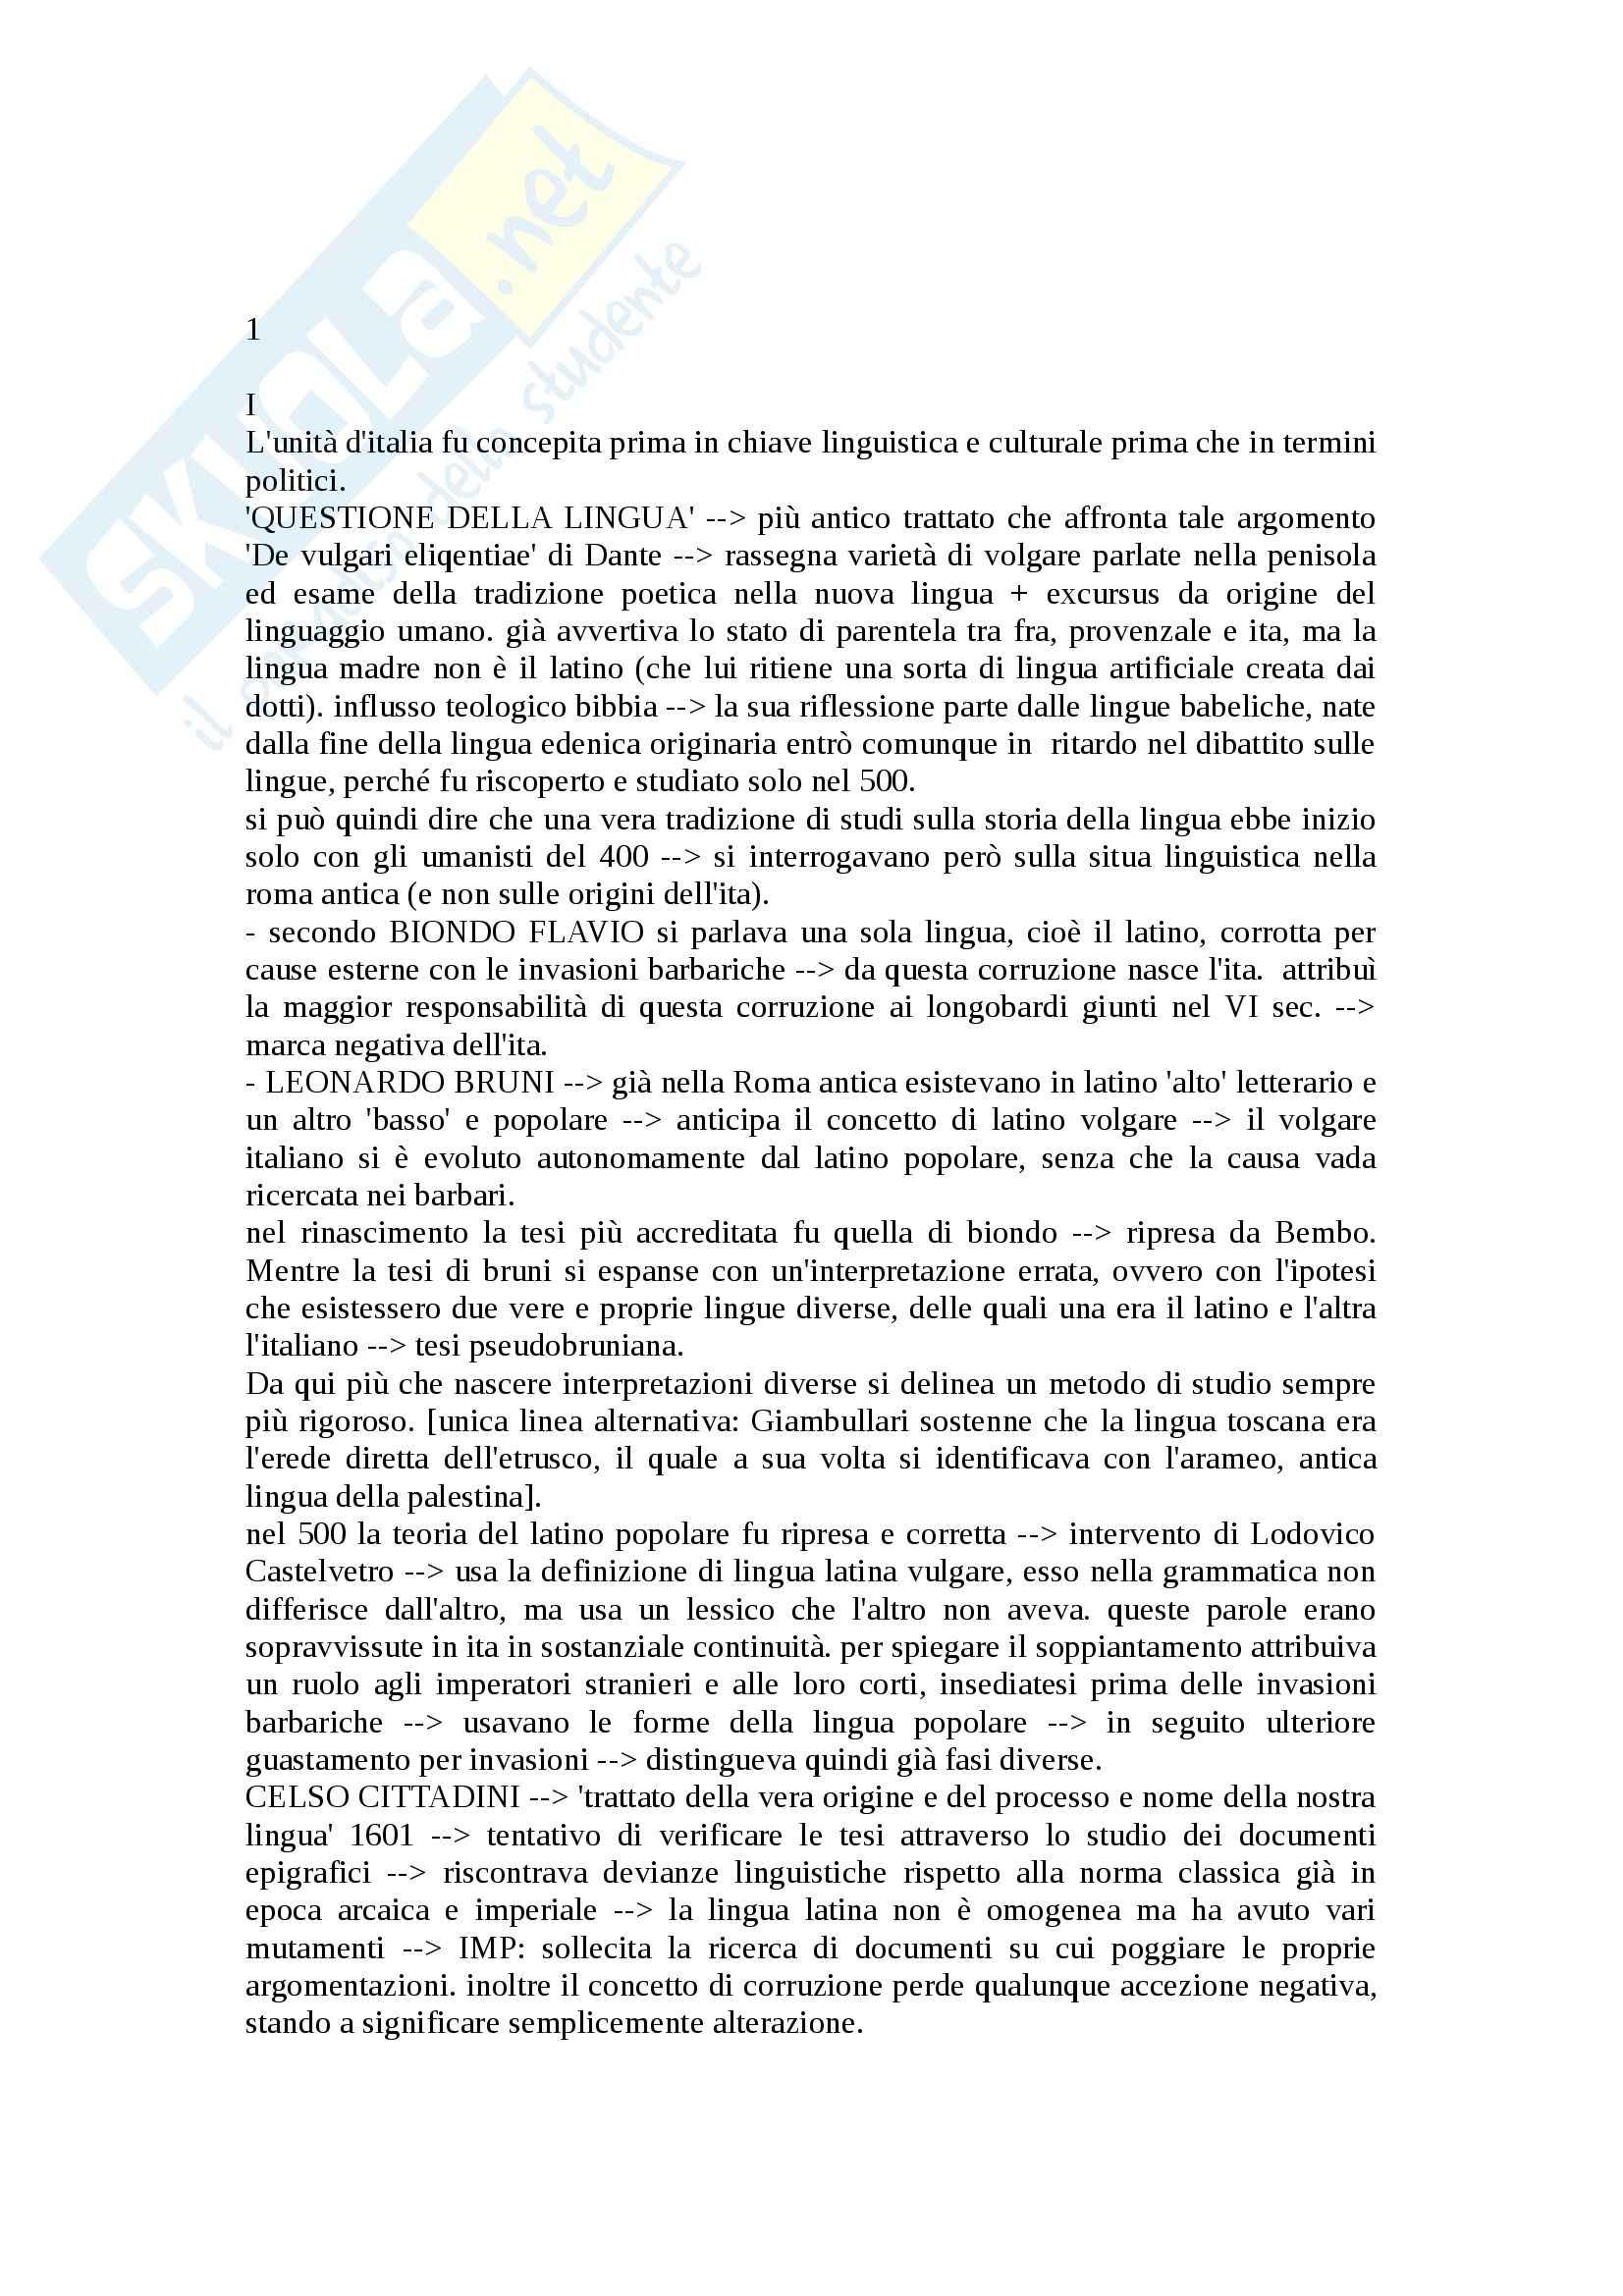 Riassunto esame Storia lingua, prof. Franceschini, libro consigliato La lingua italiana, profilo storico, Marazzini